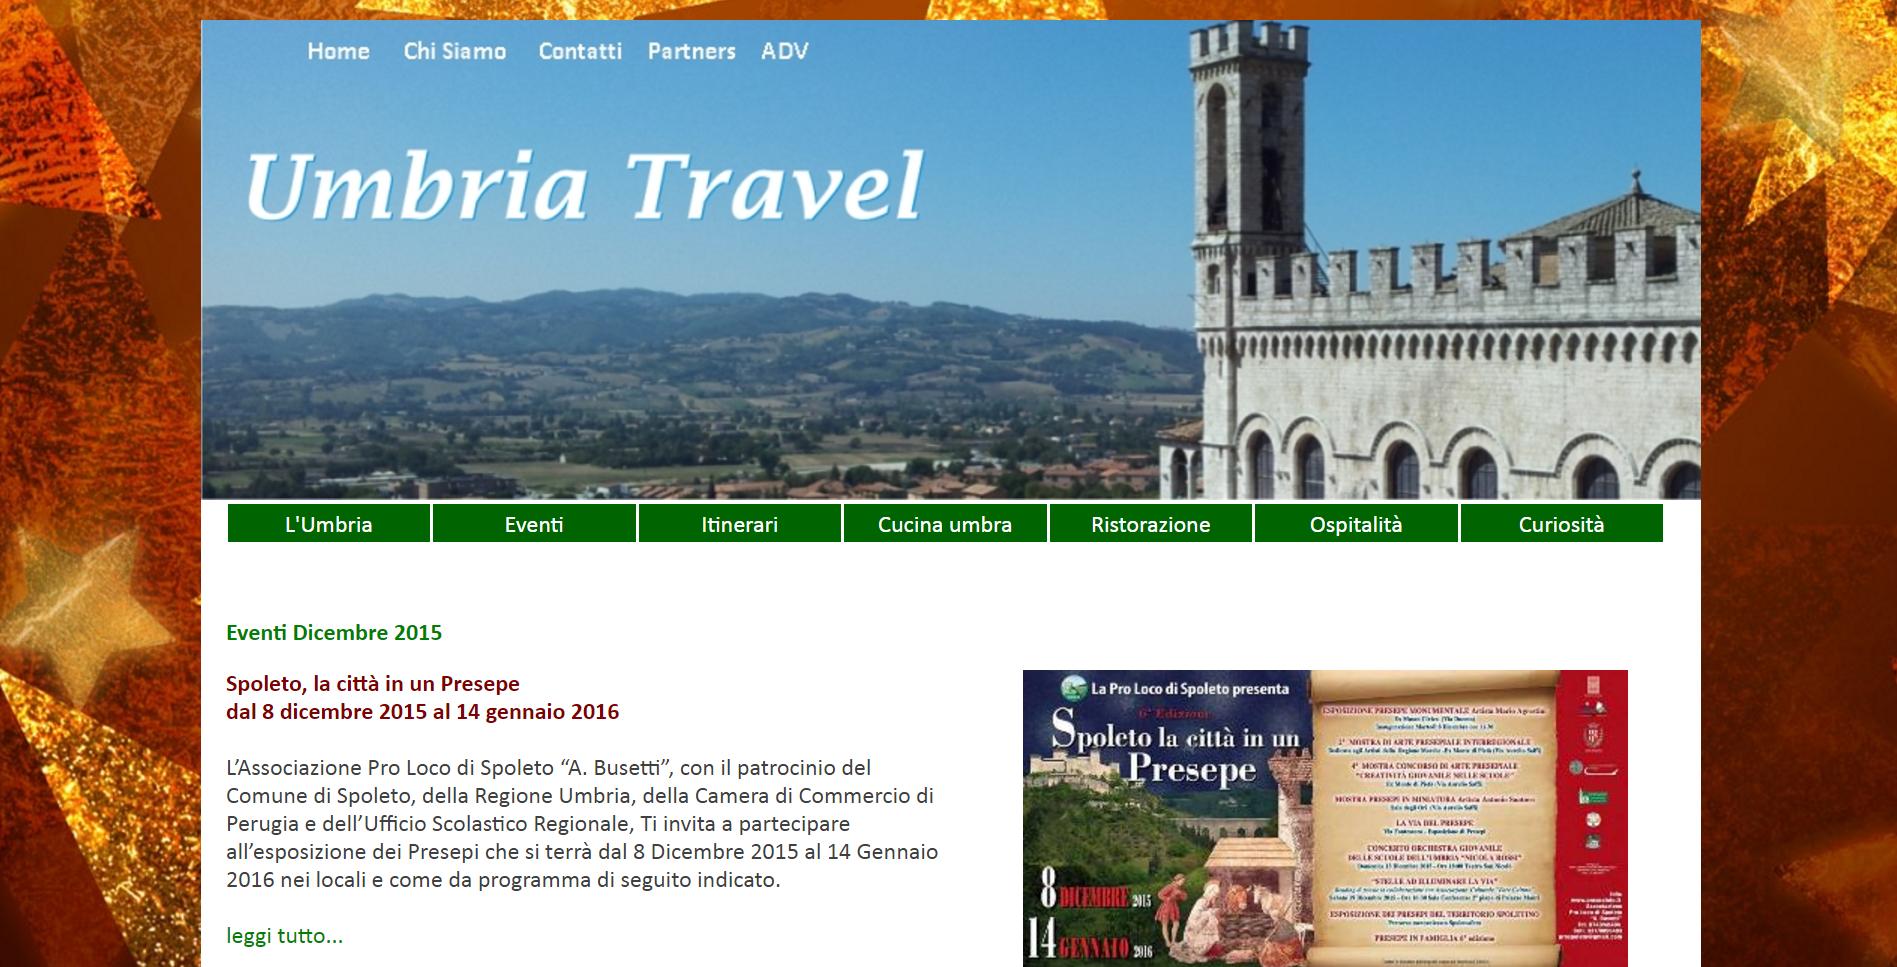 Umbria-travel.eu